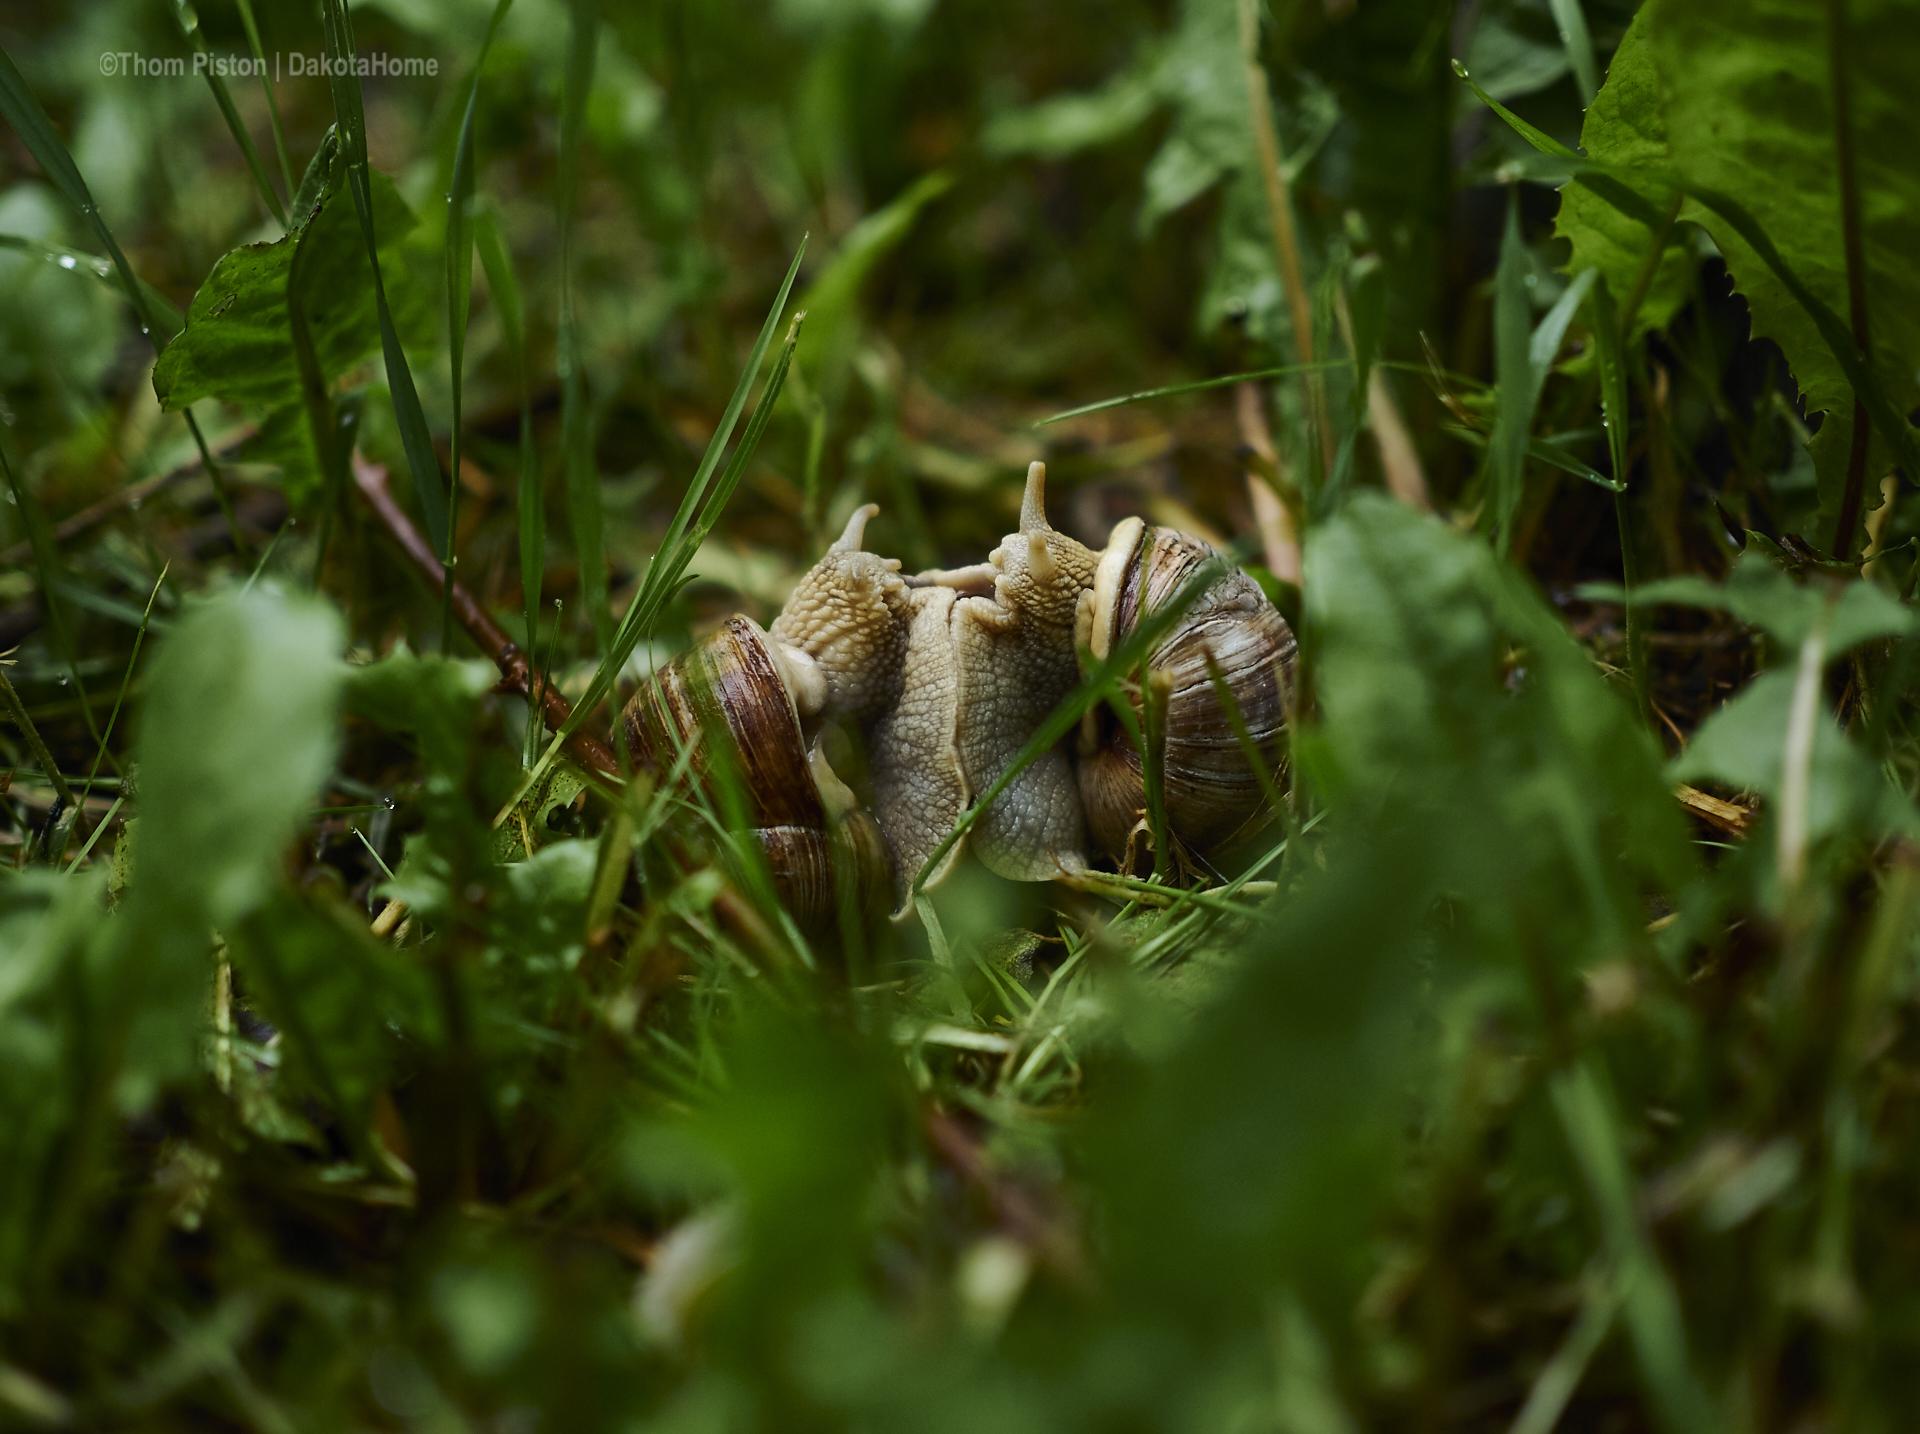 Kamasutra der weinbergschnecken